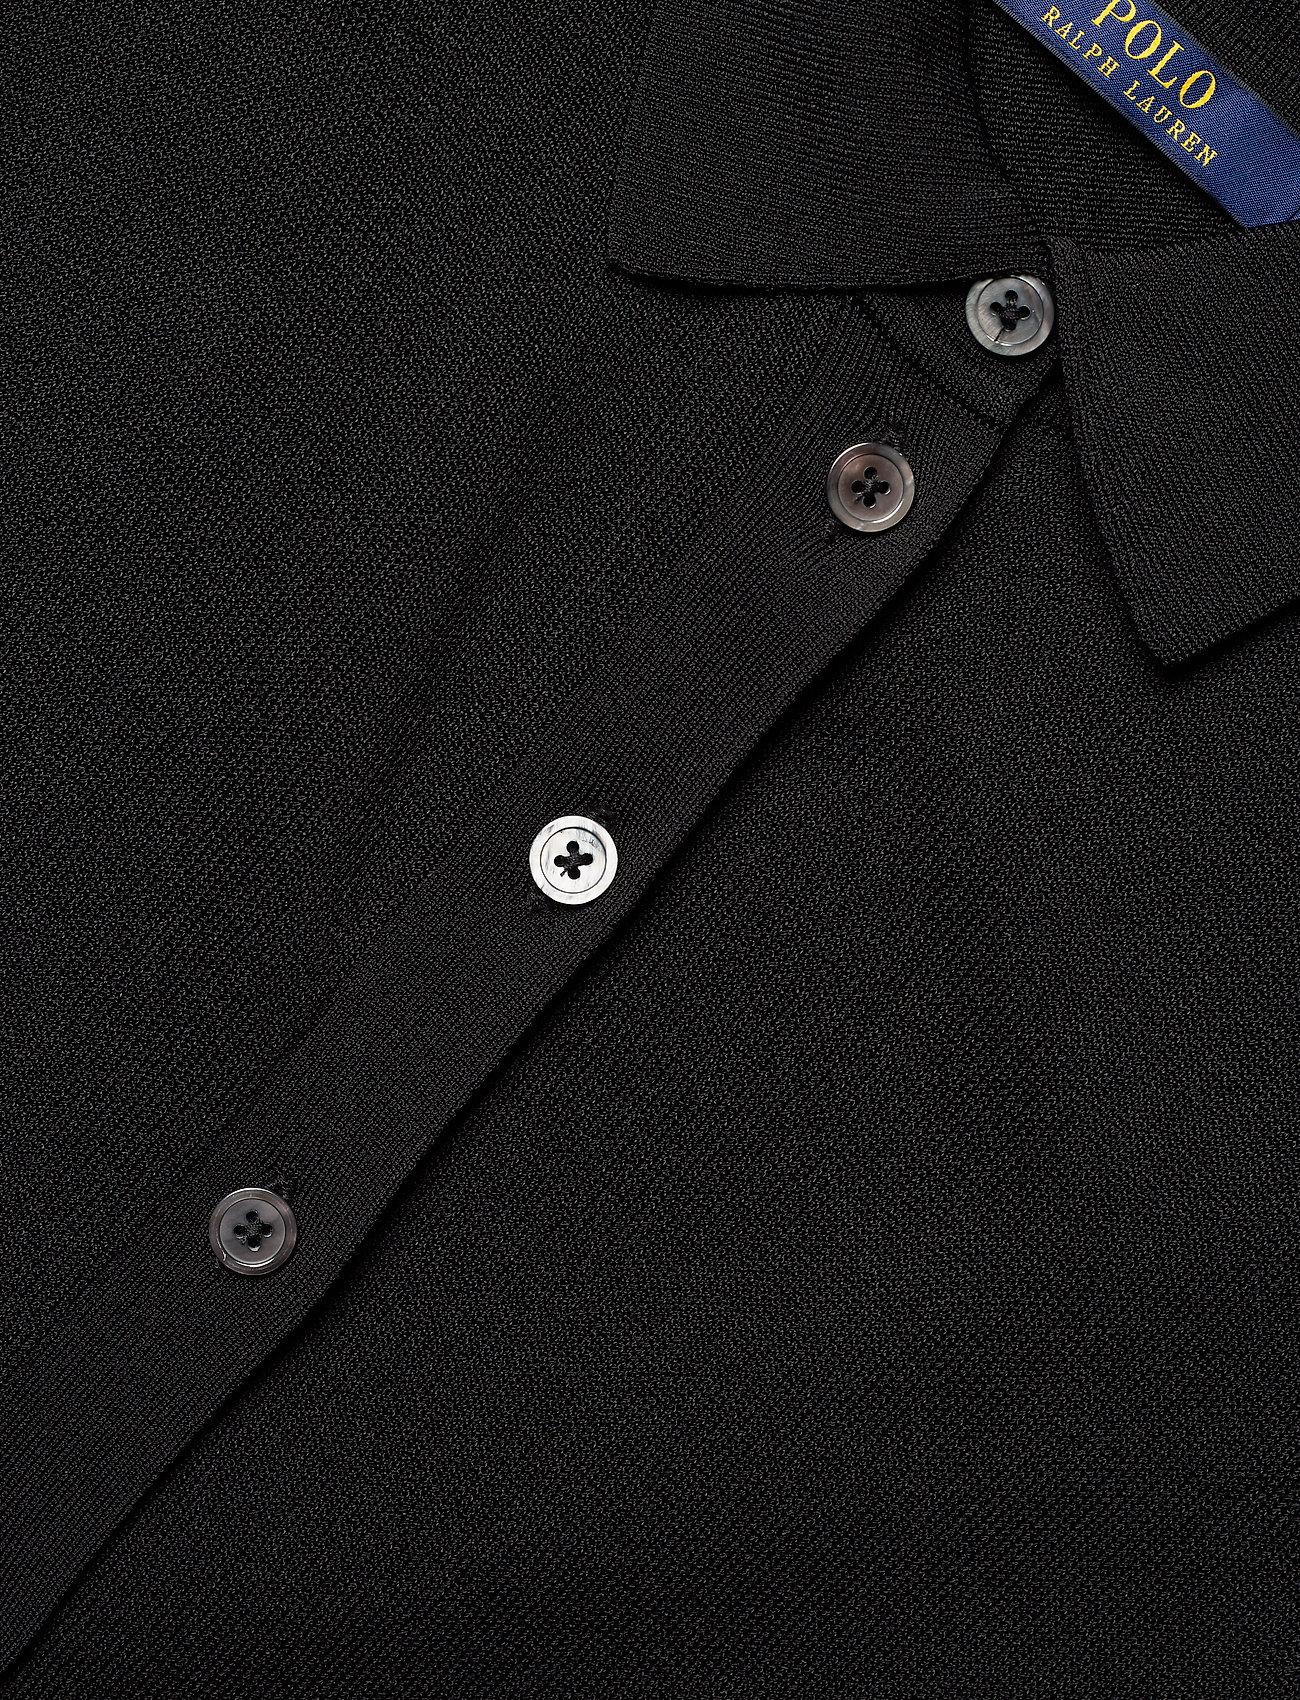 Viscose Blend-ssl-csd (Black) (2219.40 kr) - Polo Ralph Lauren